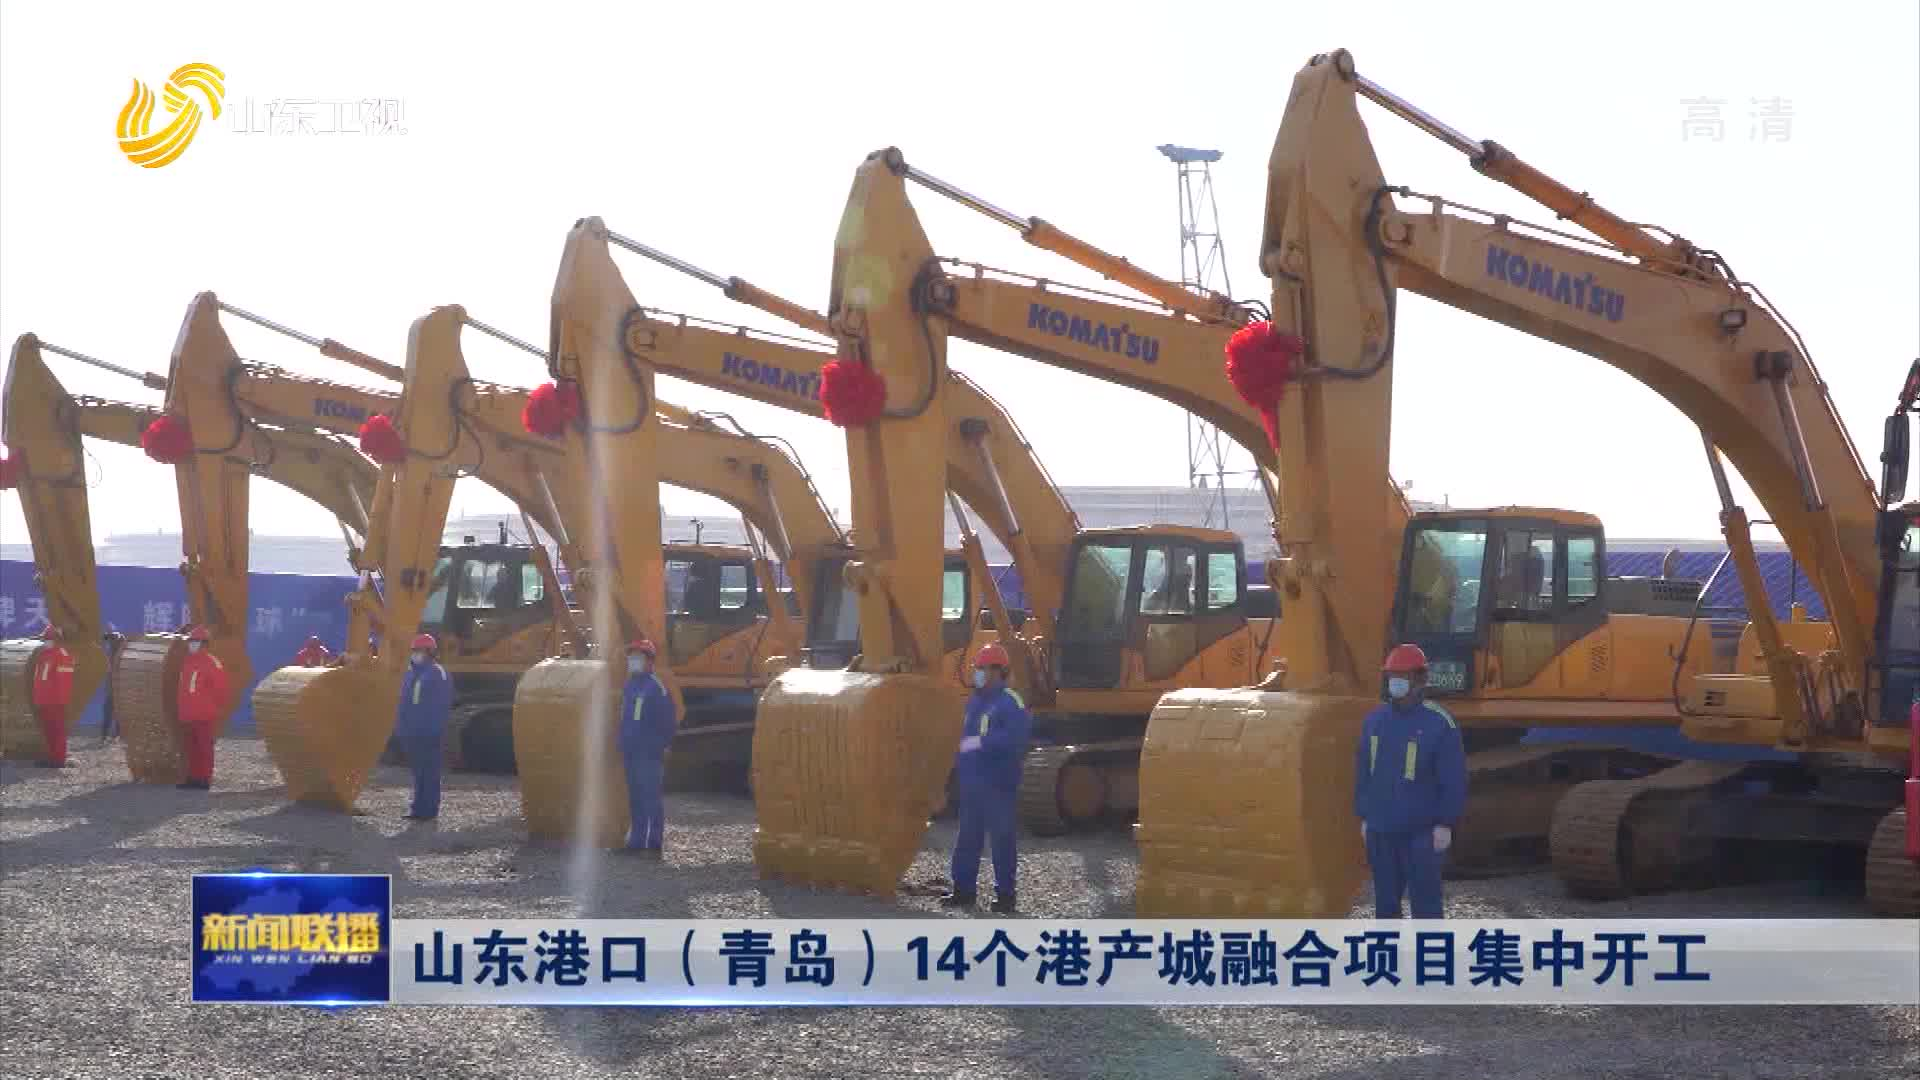 山东港口(青岛)14个港产城融合项目集中开工